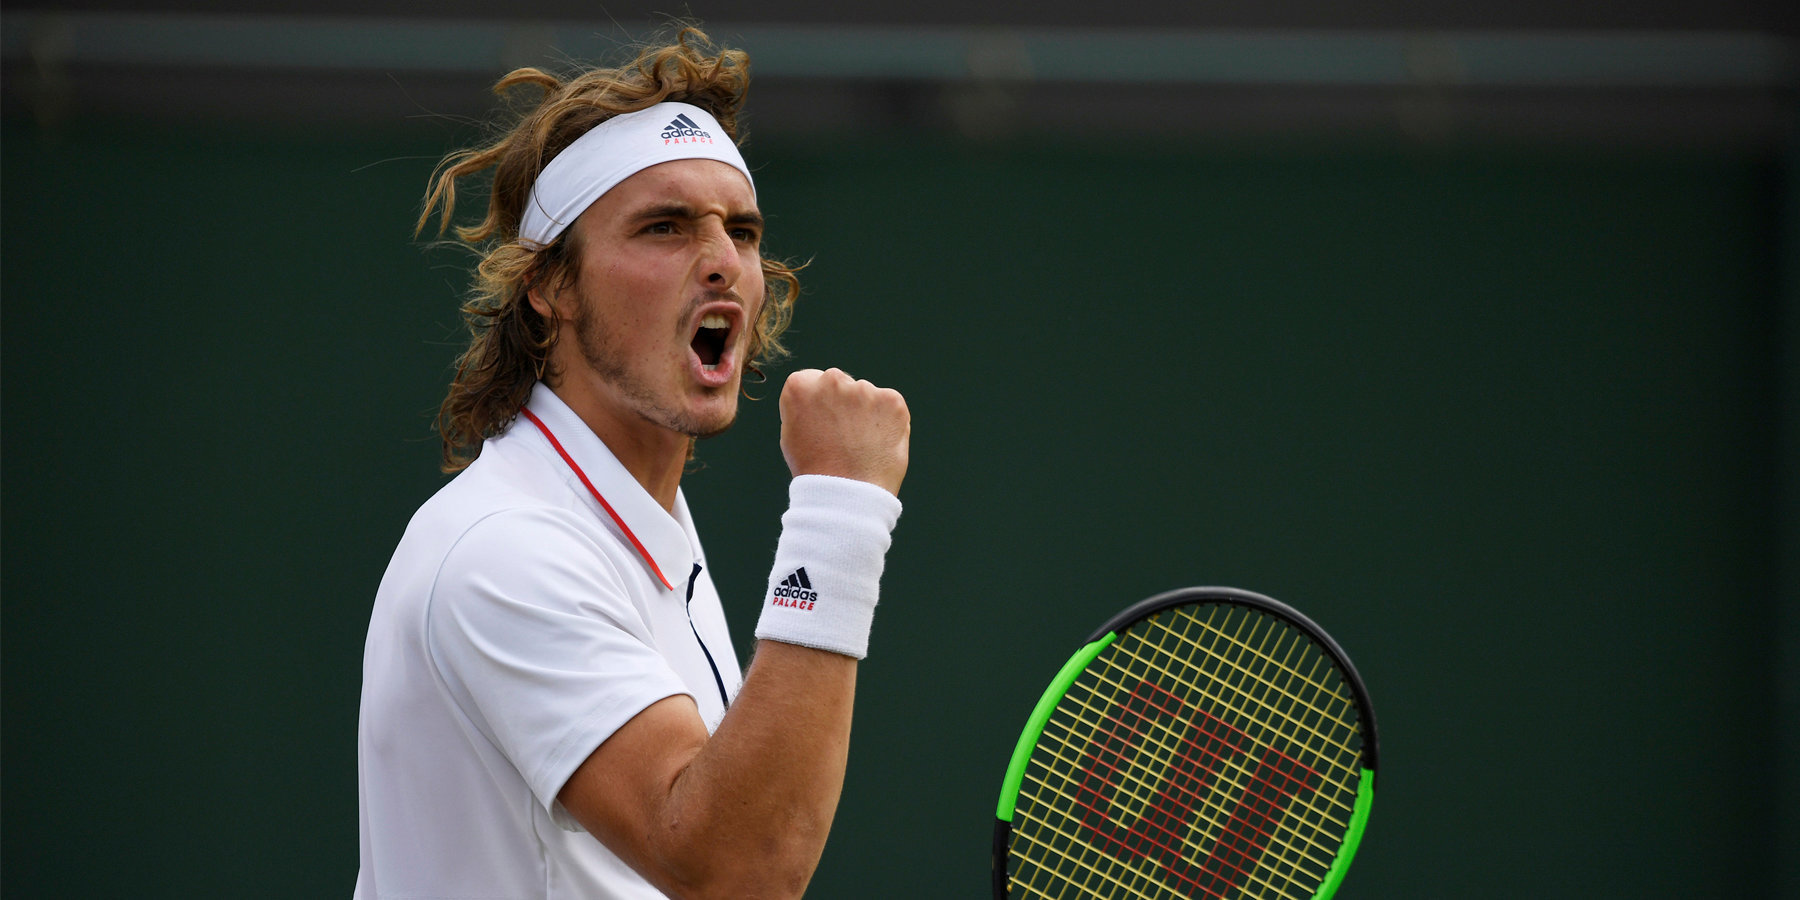 Циципас обыграл Федерера и вышел в финал Итогового турнира ATP